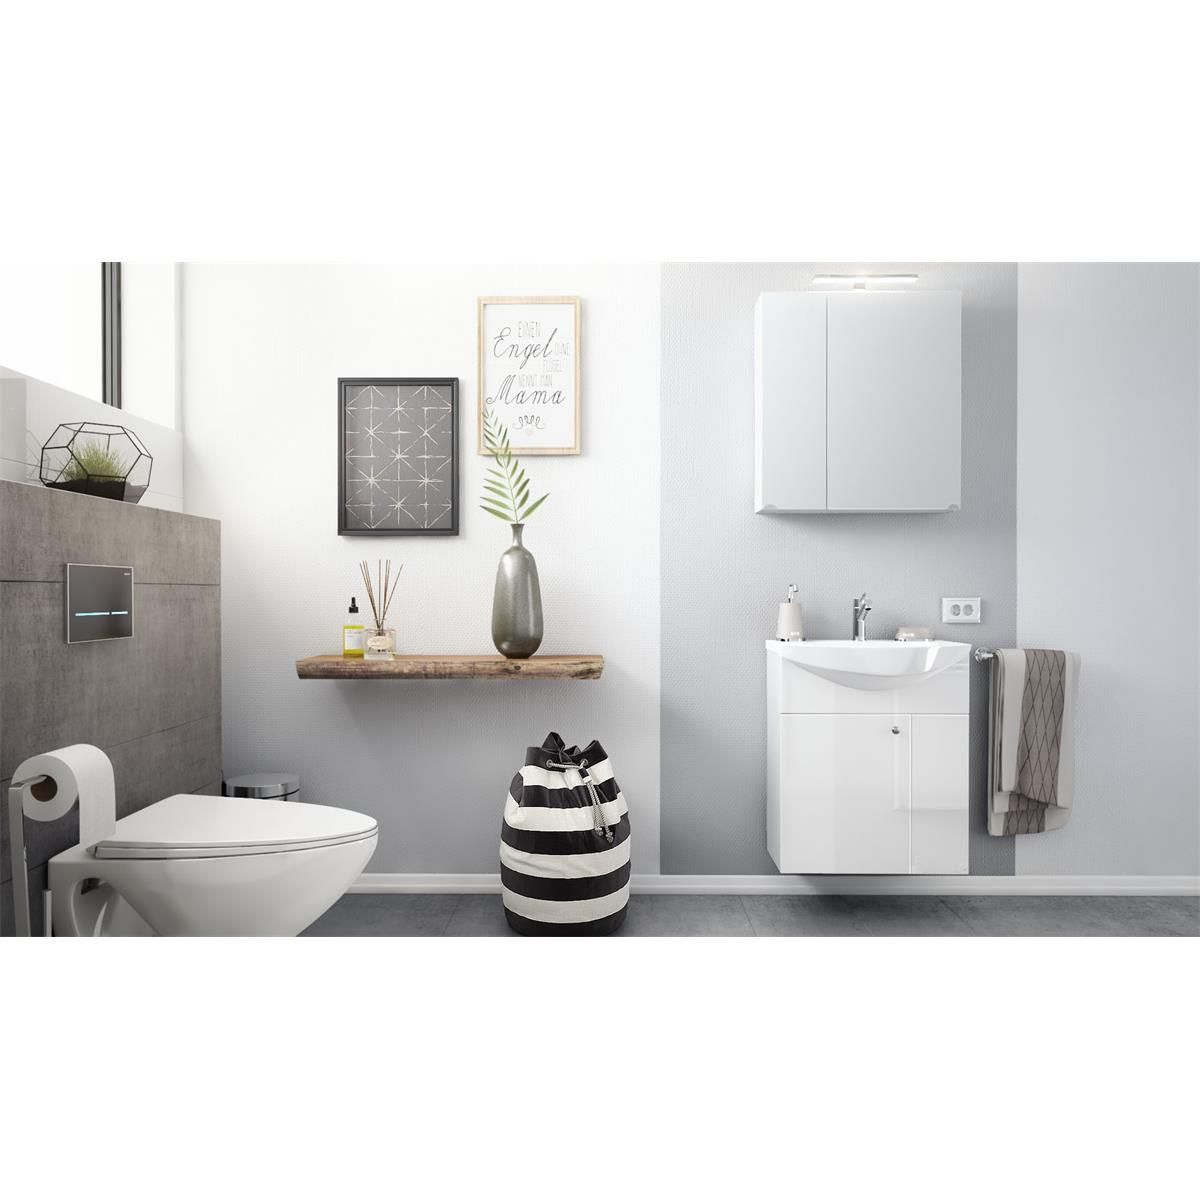 Badezimmer Set Fresh Badezimmer Set Spiegelschrank Led Spiegelschrank